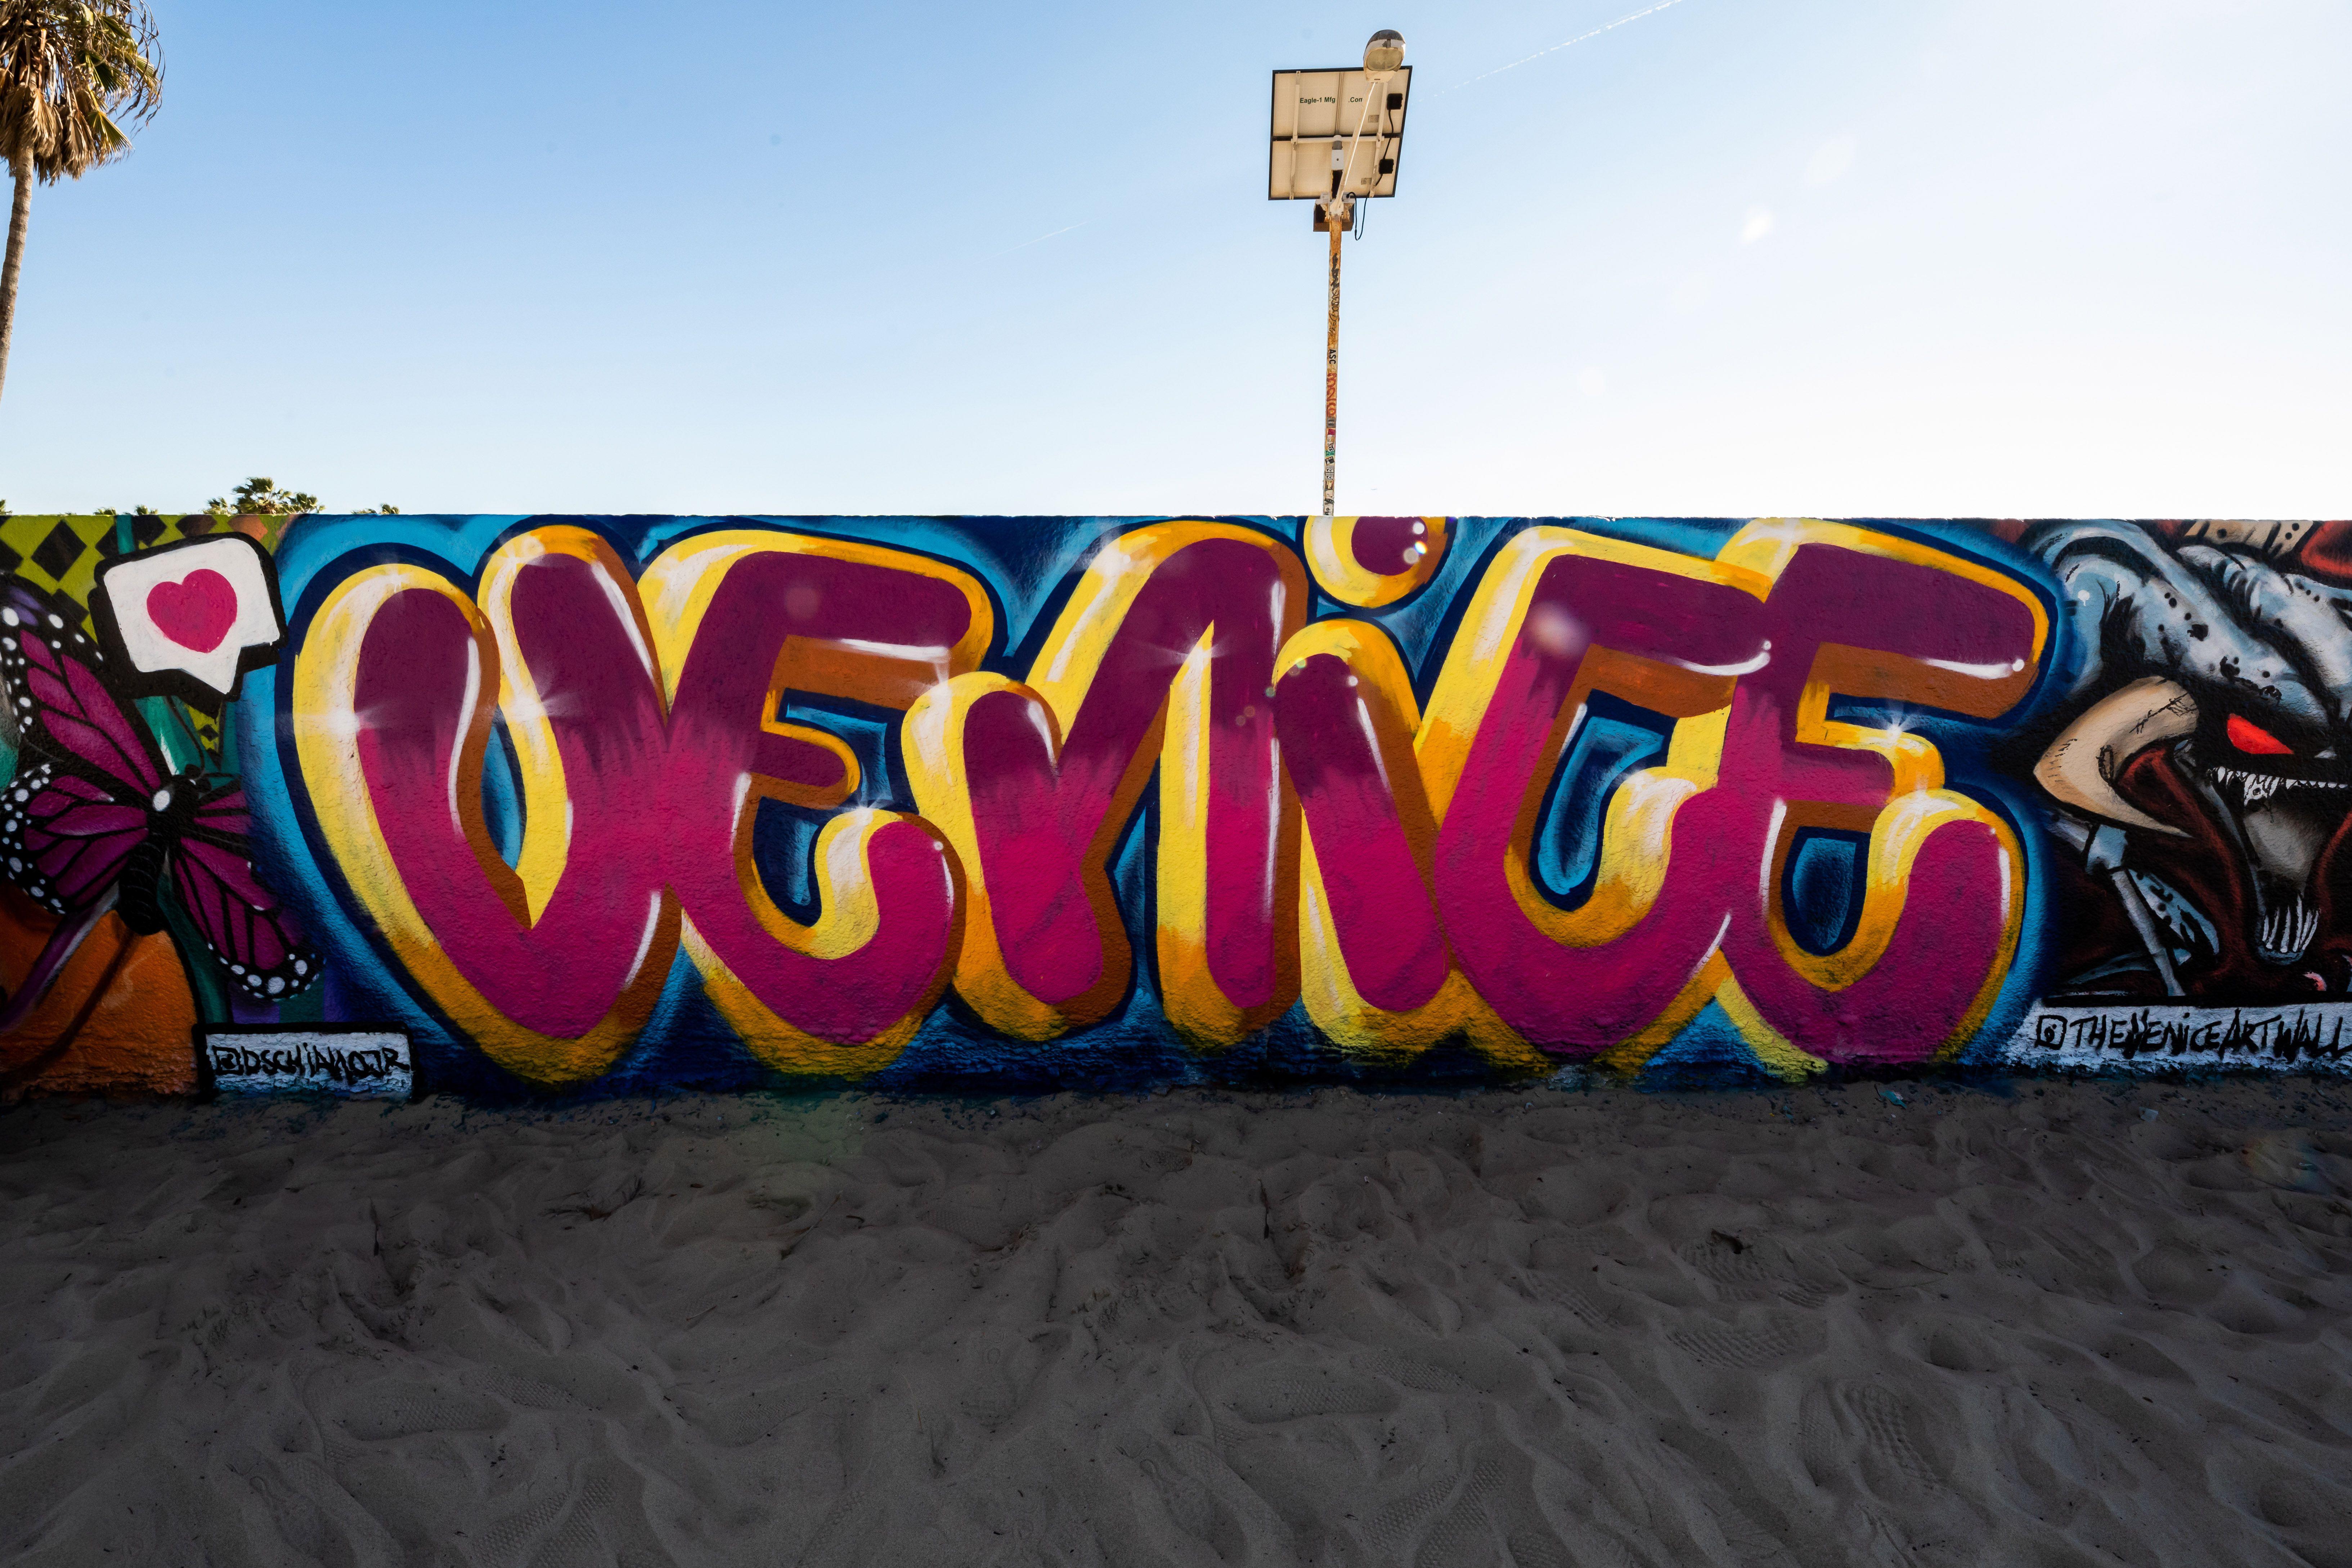 A mural on Venice Beach